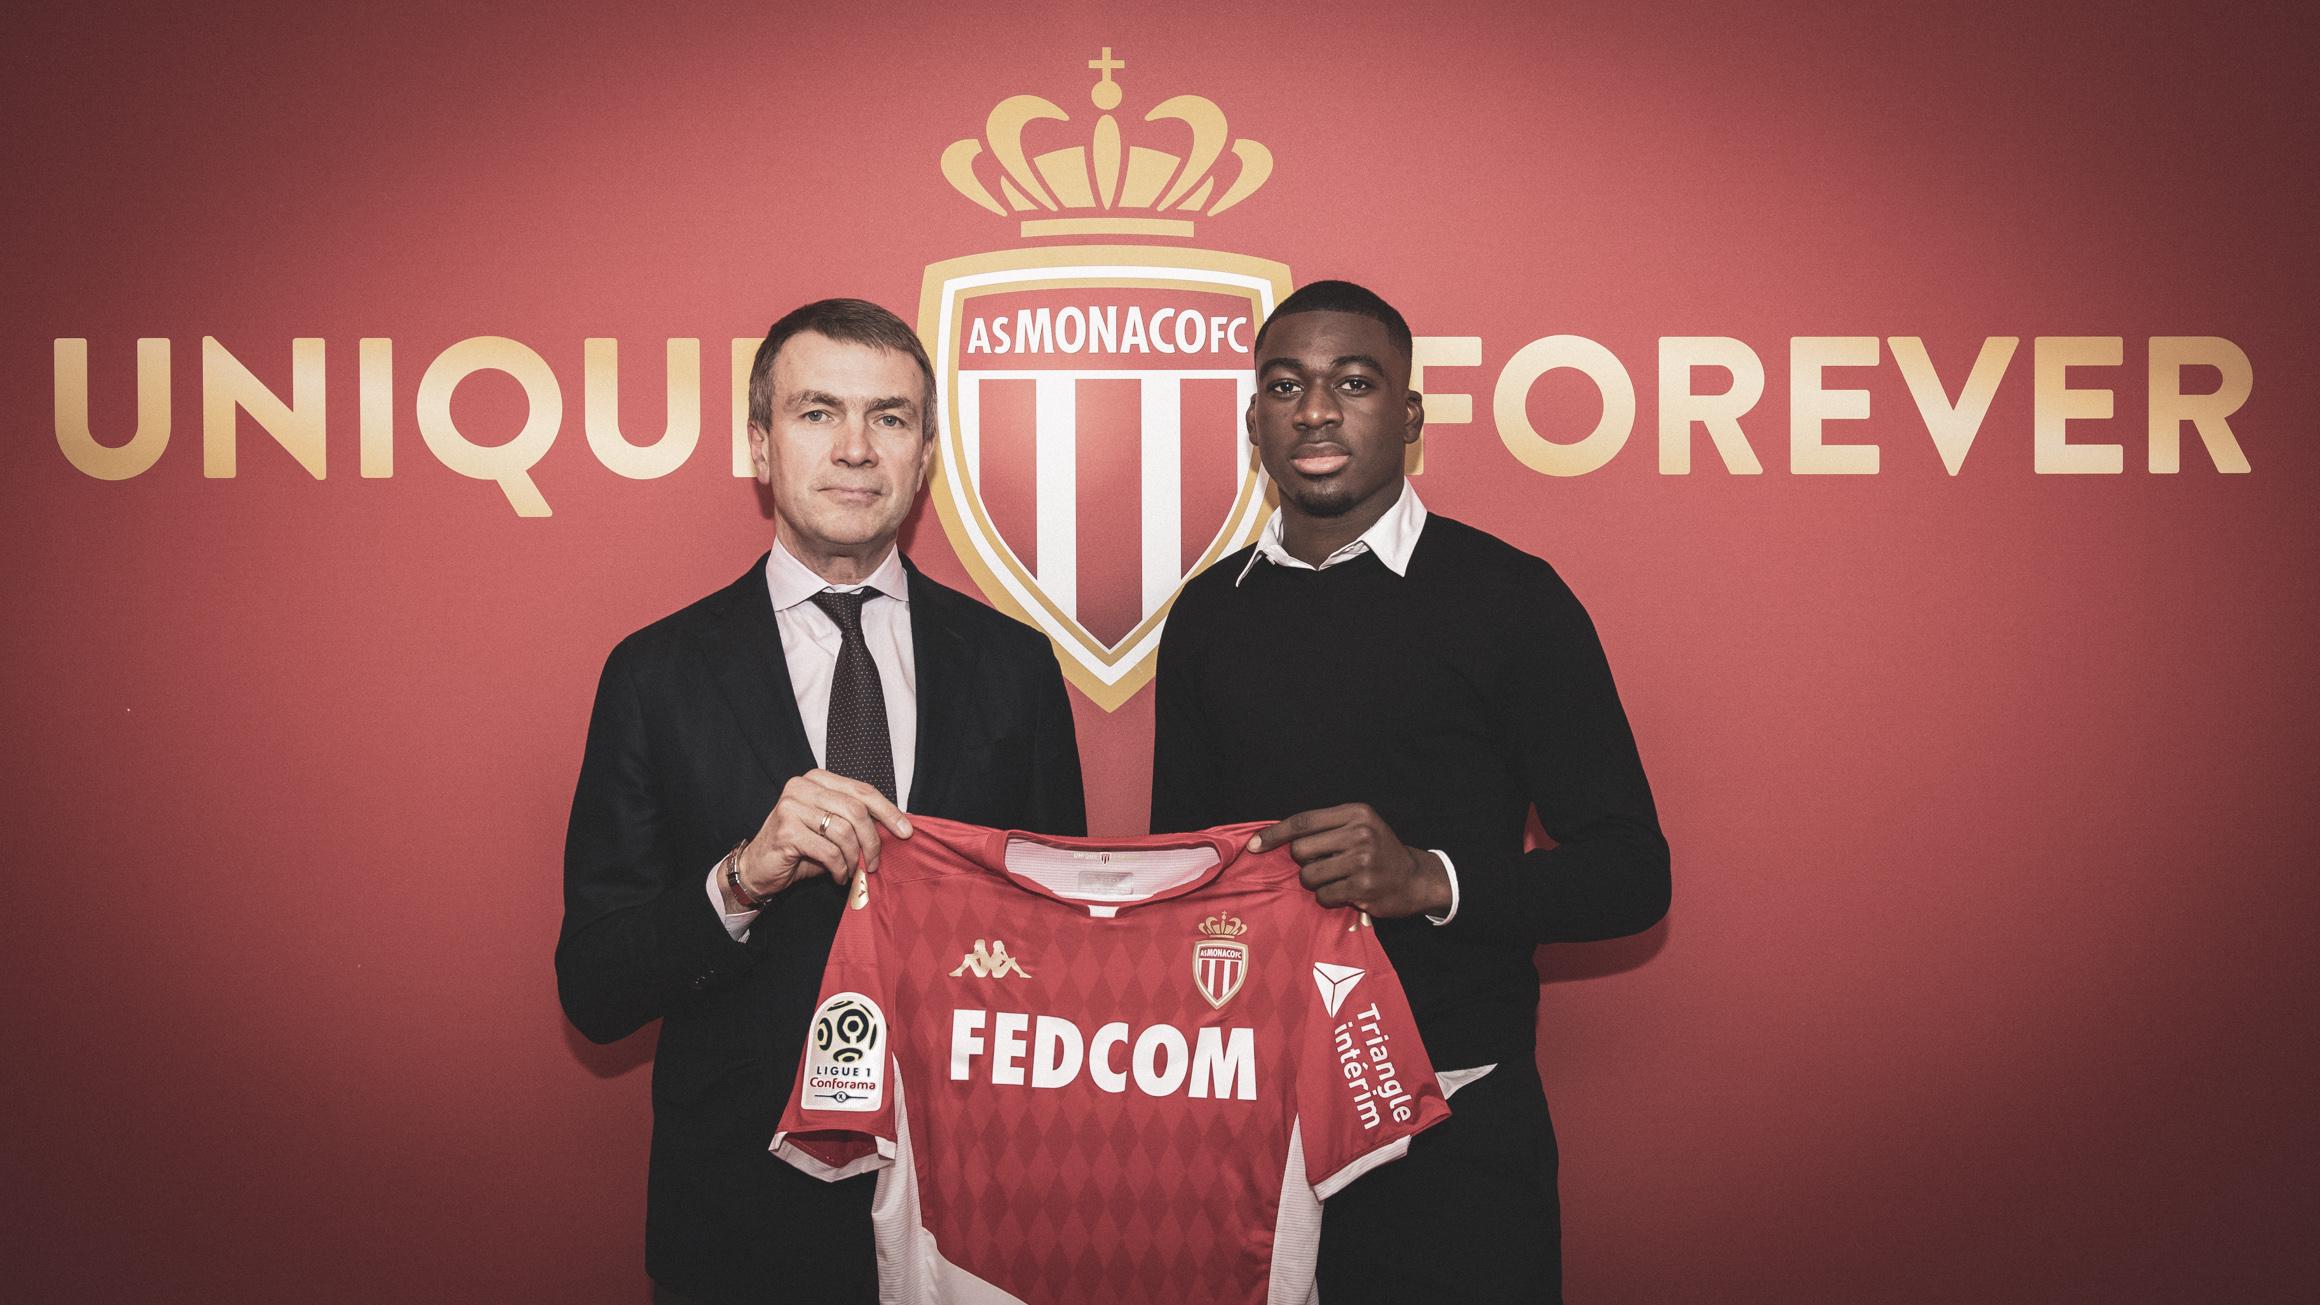 Officiel : Tchouaméni quitte Bordeaux et signe à Monaco